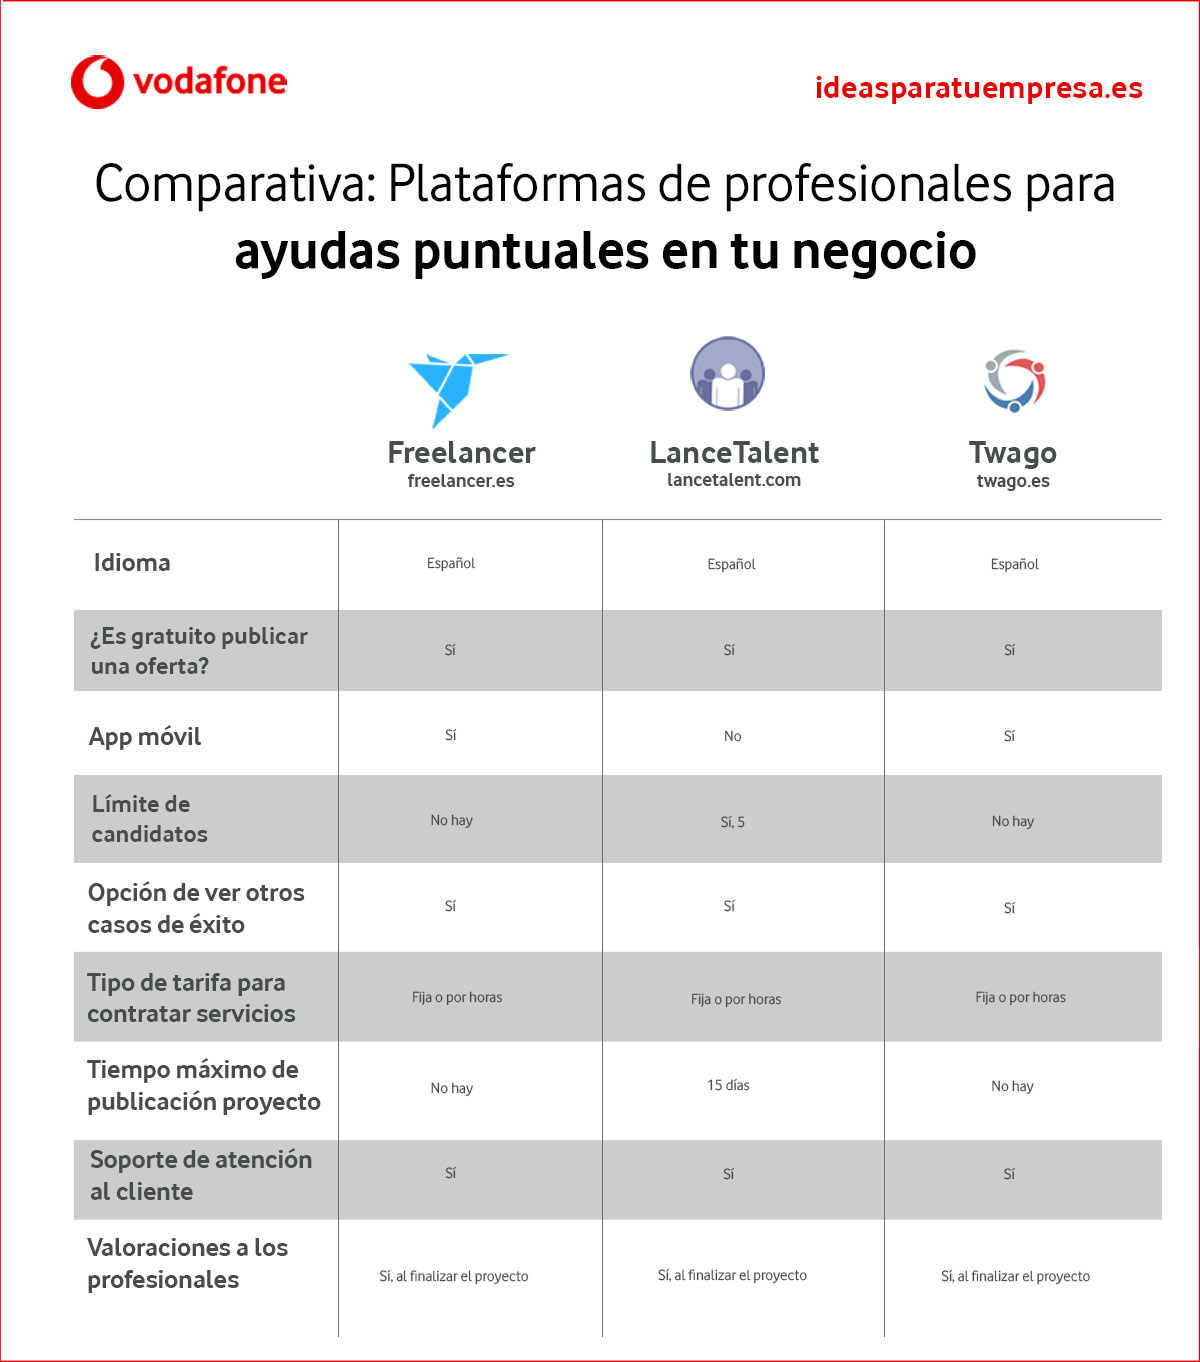 Plataformas de profesionales para ayudas puntuales en tu negocio